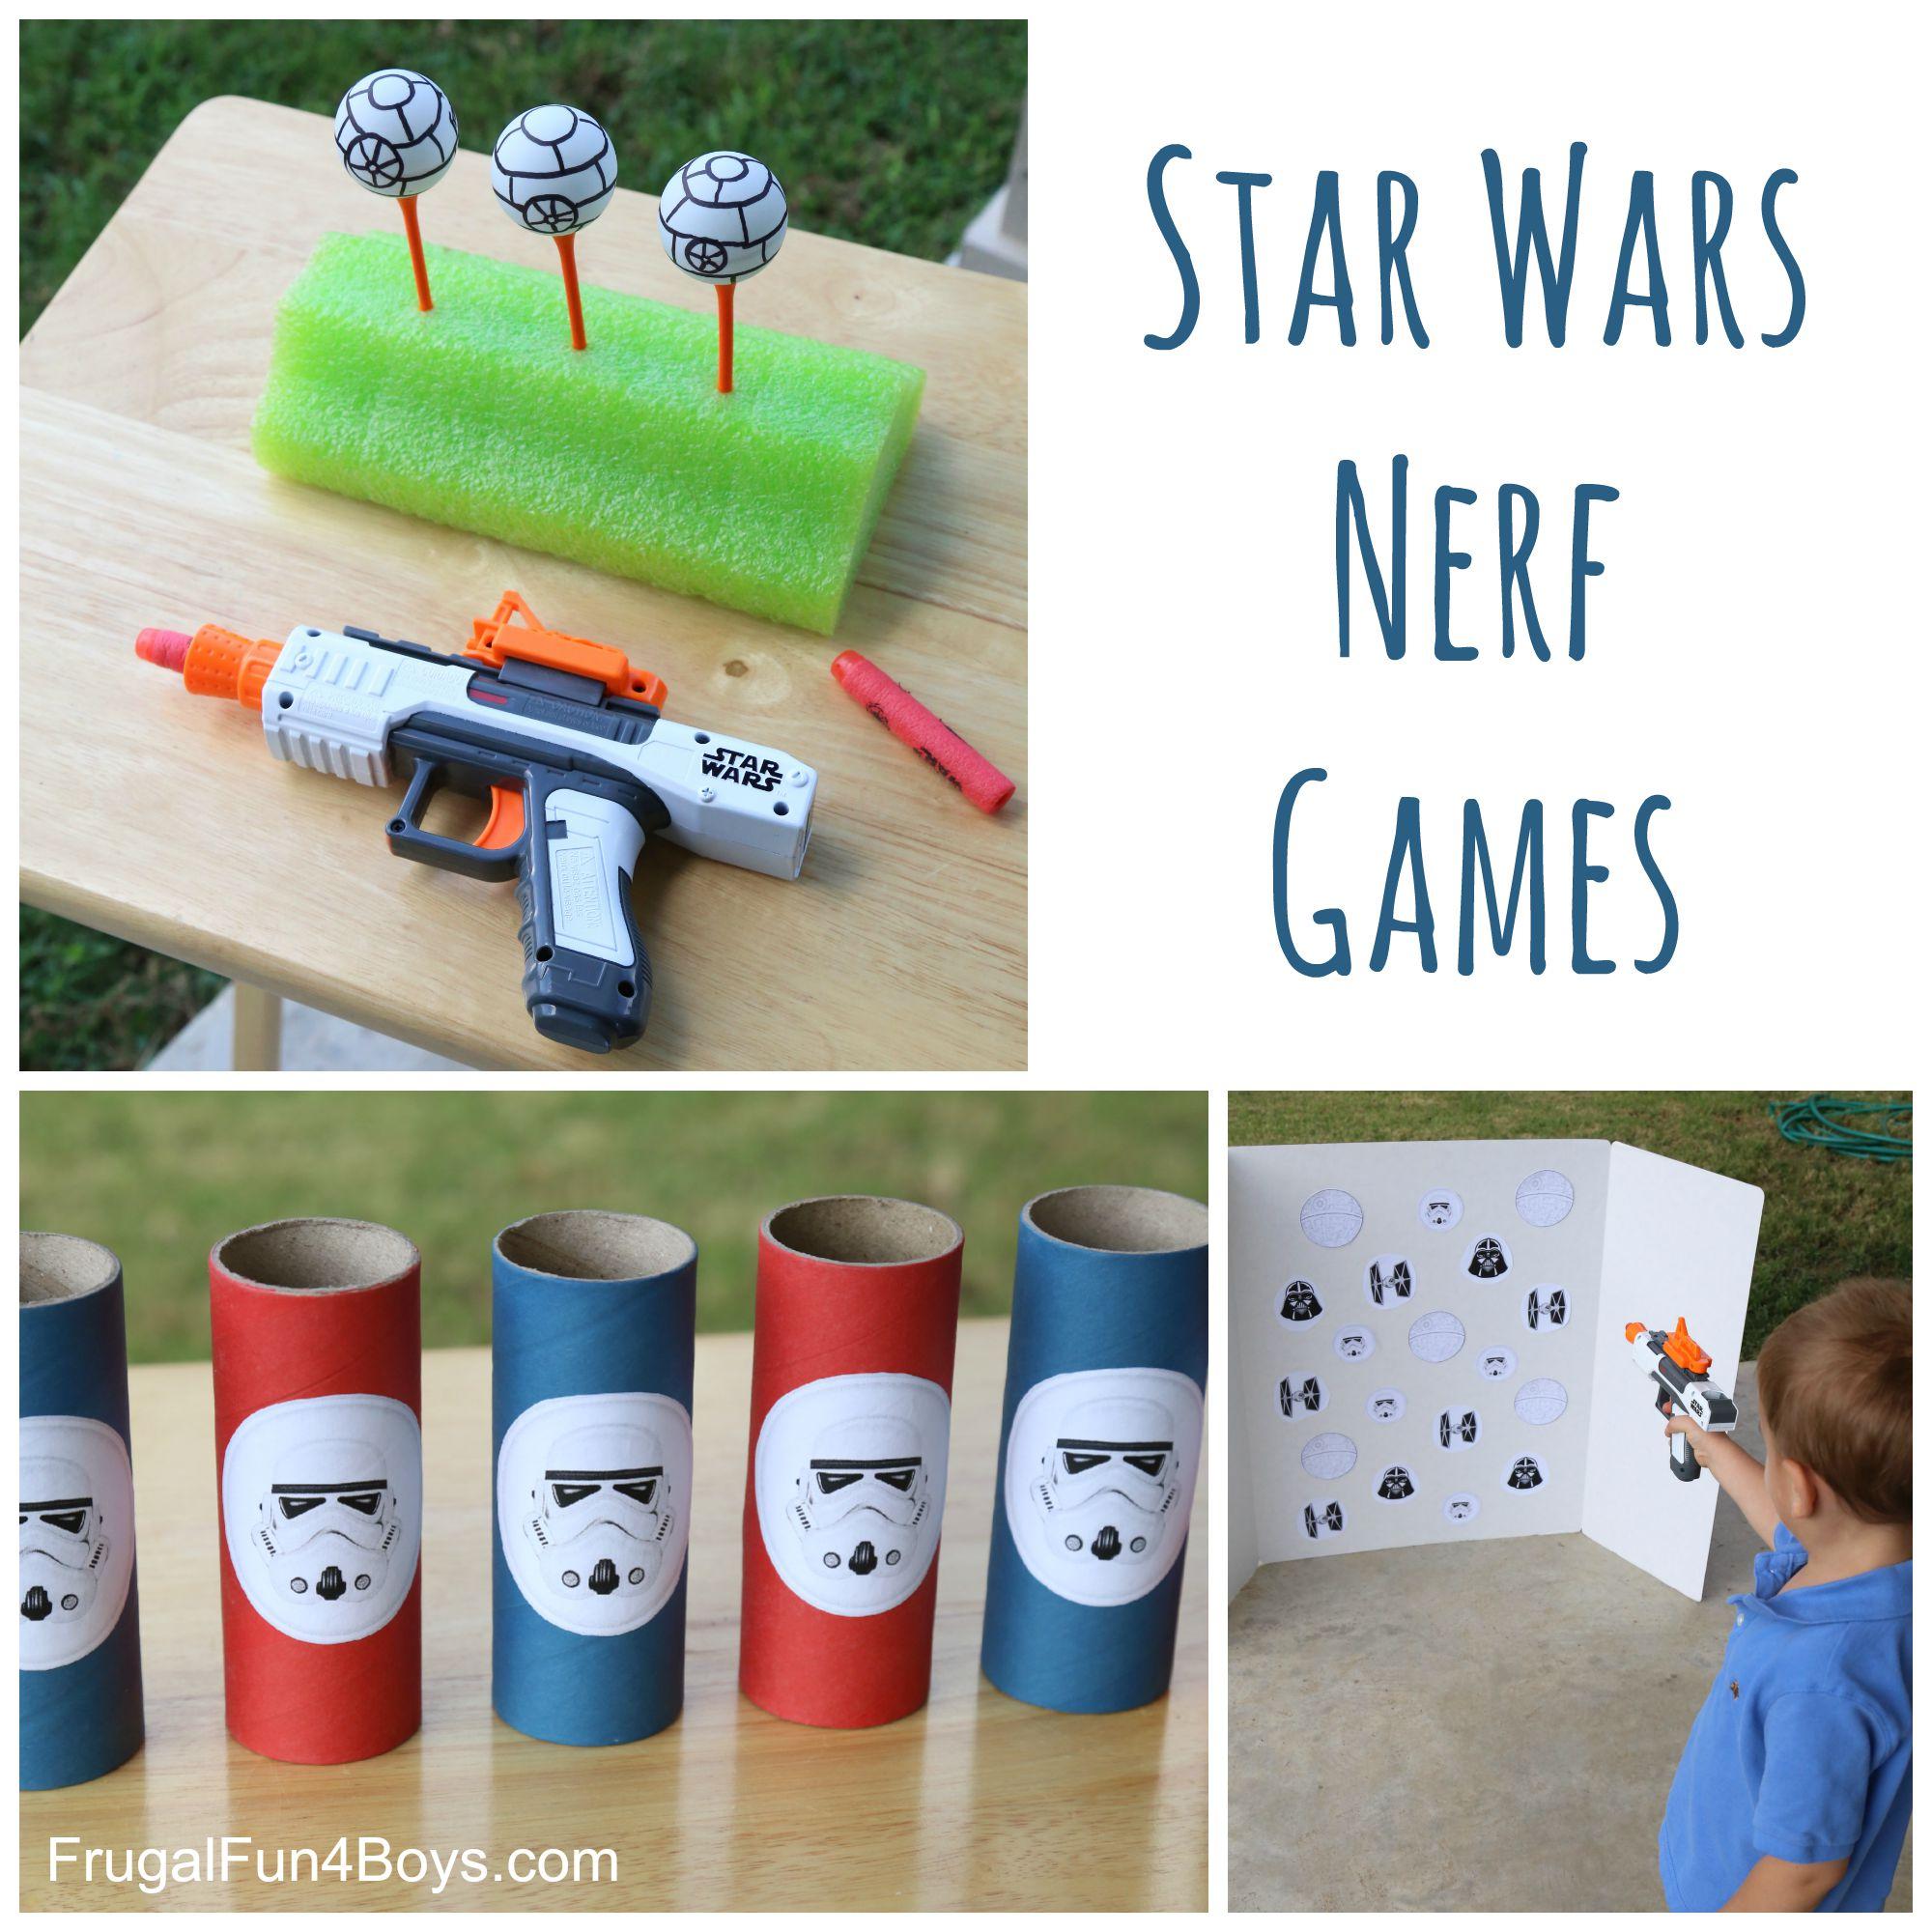 Star Wars Nerf Games